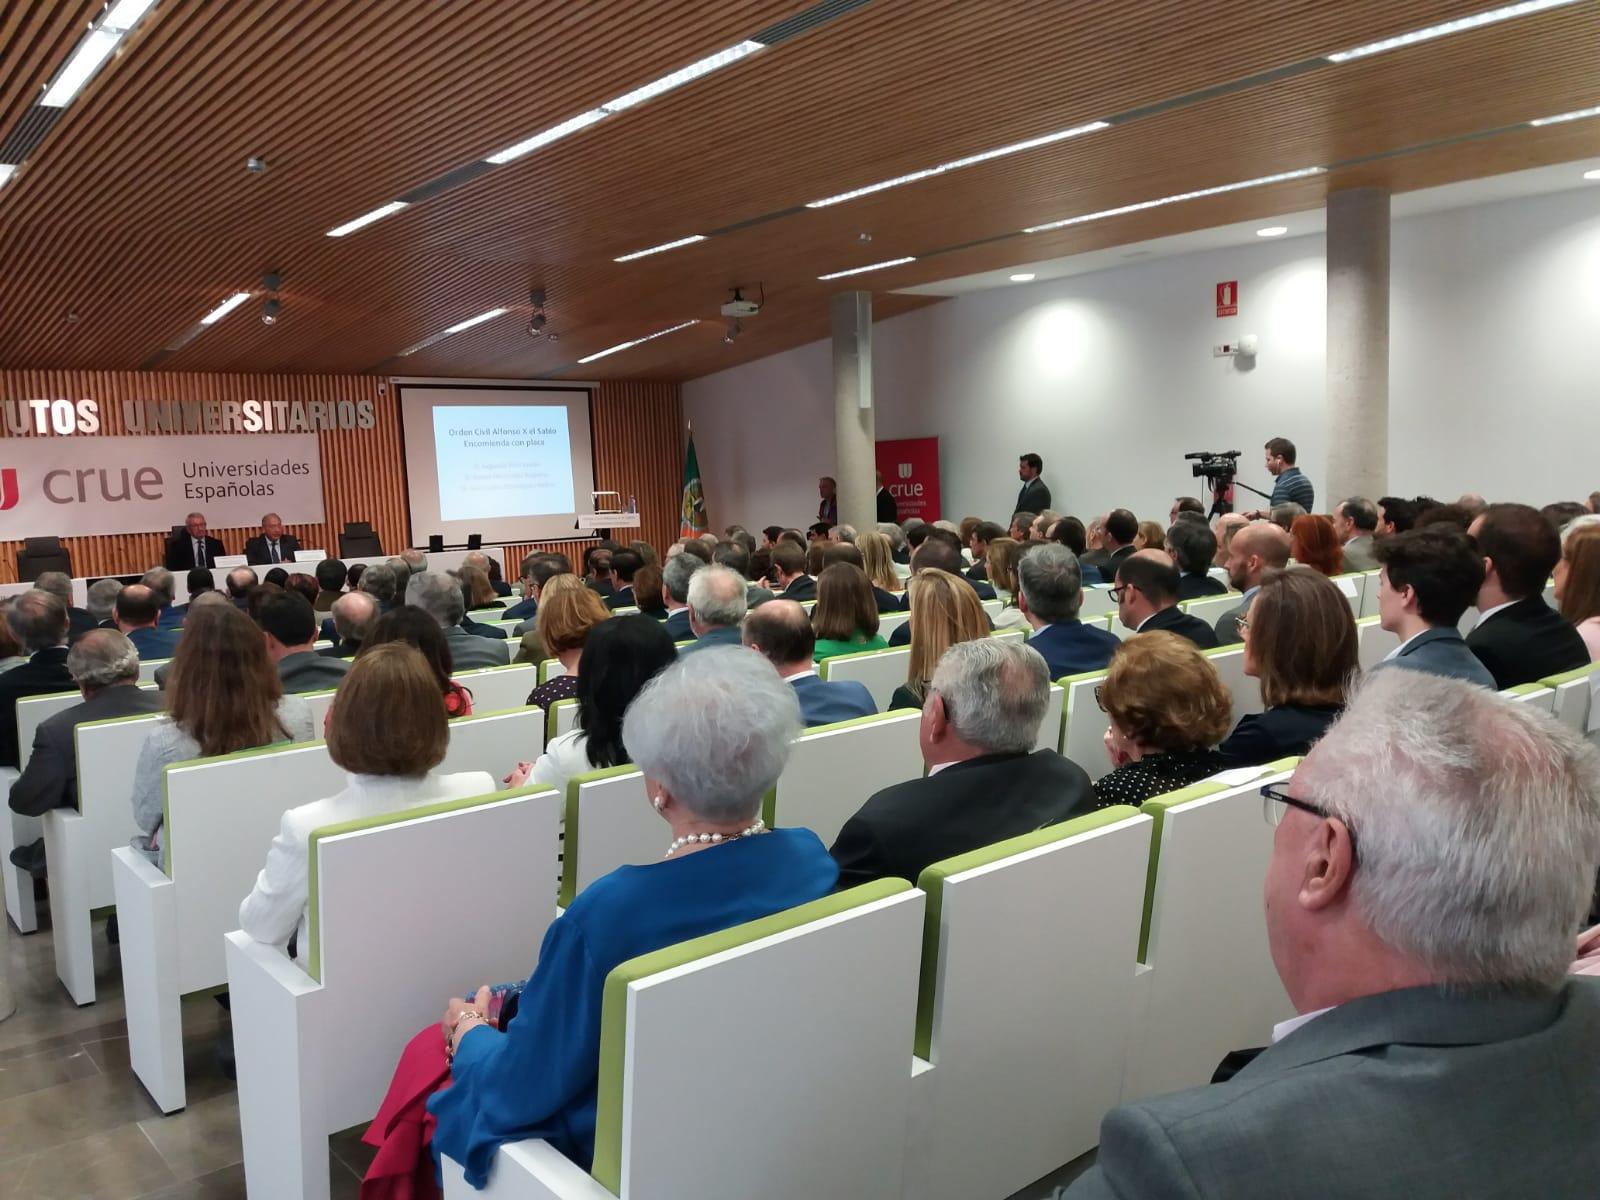 El exrector de la Universidad de Salamanca Daniel Hernández Ruipérez recibe la Orden Civil de Alfonso X el Sabio